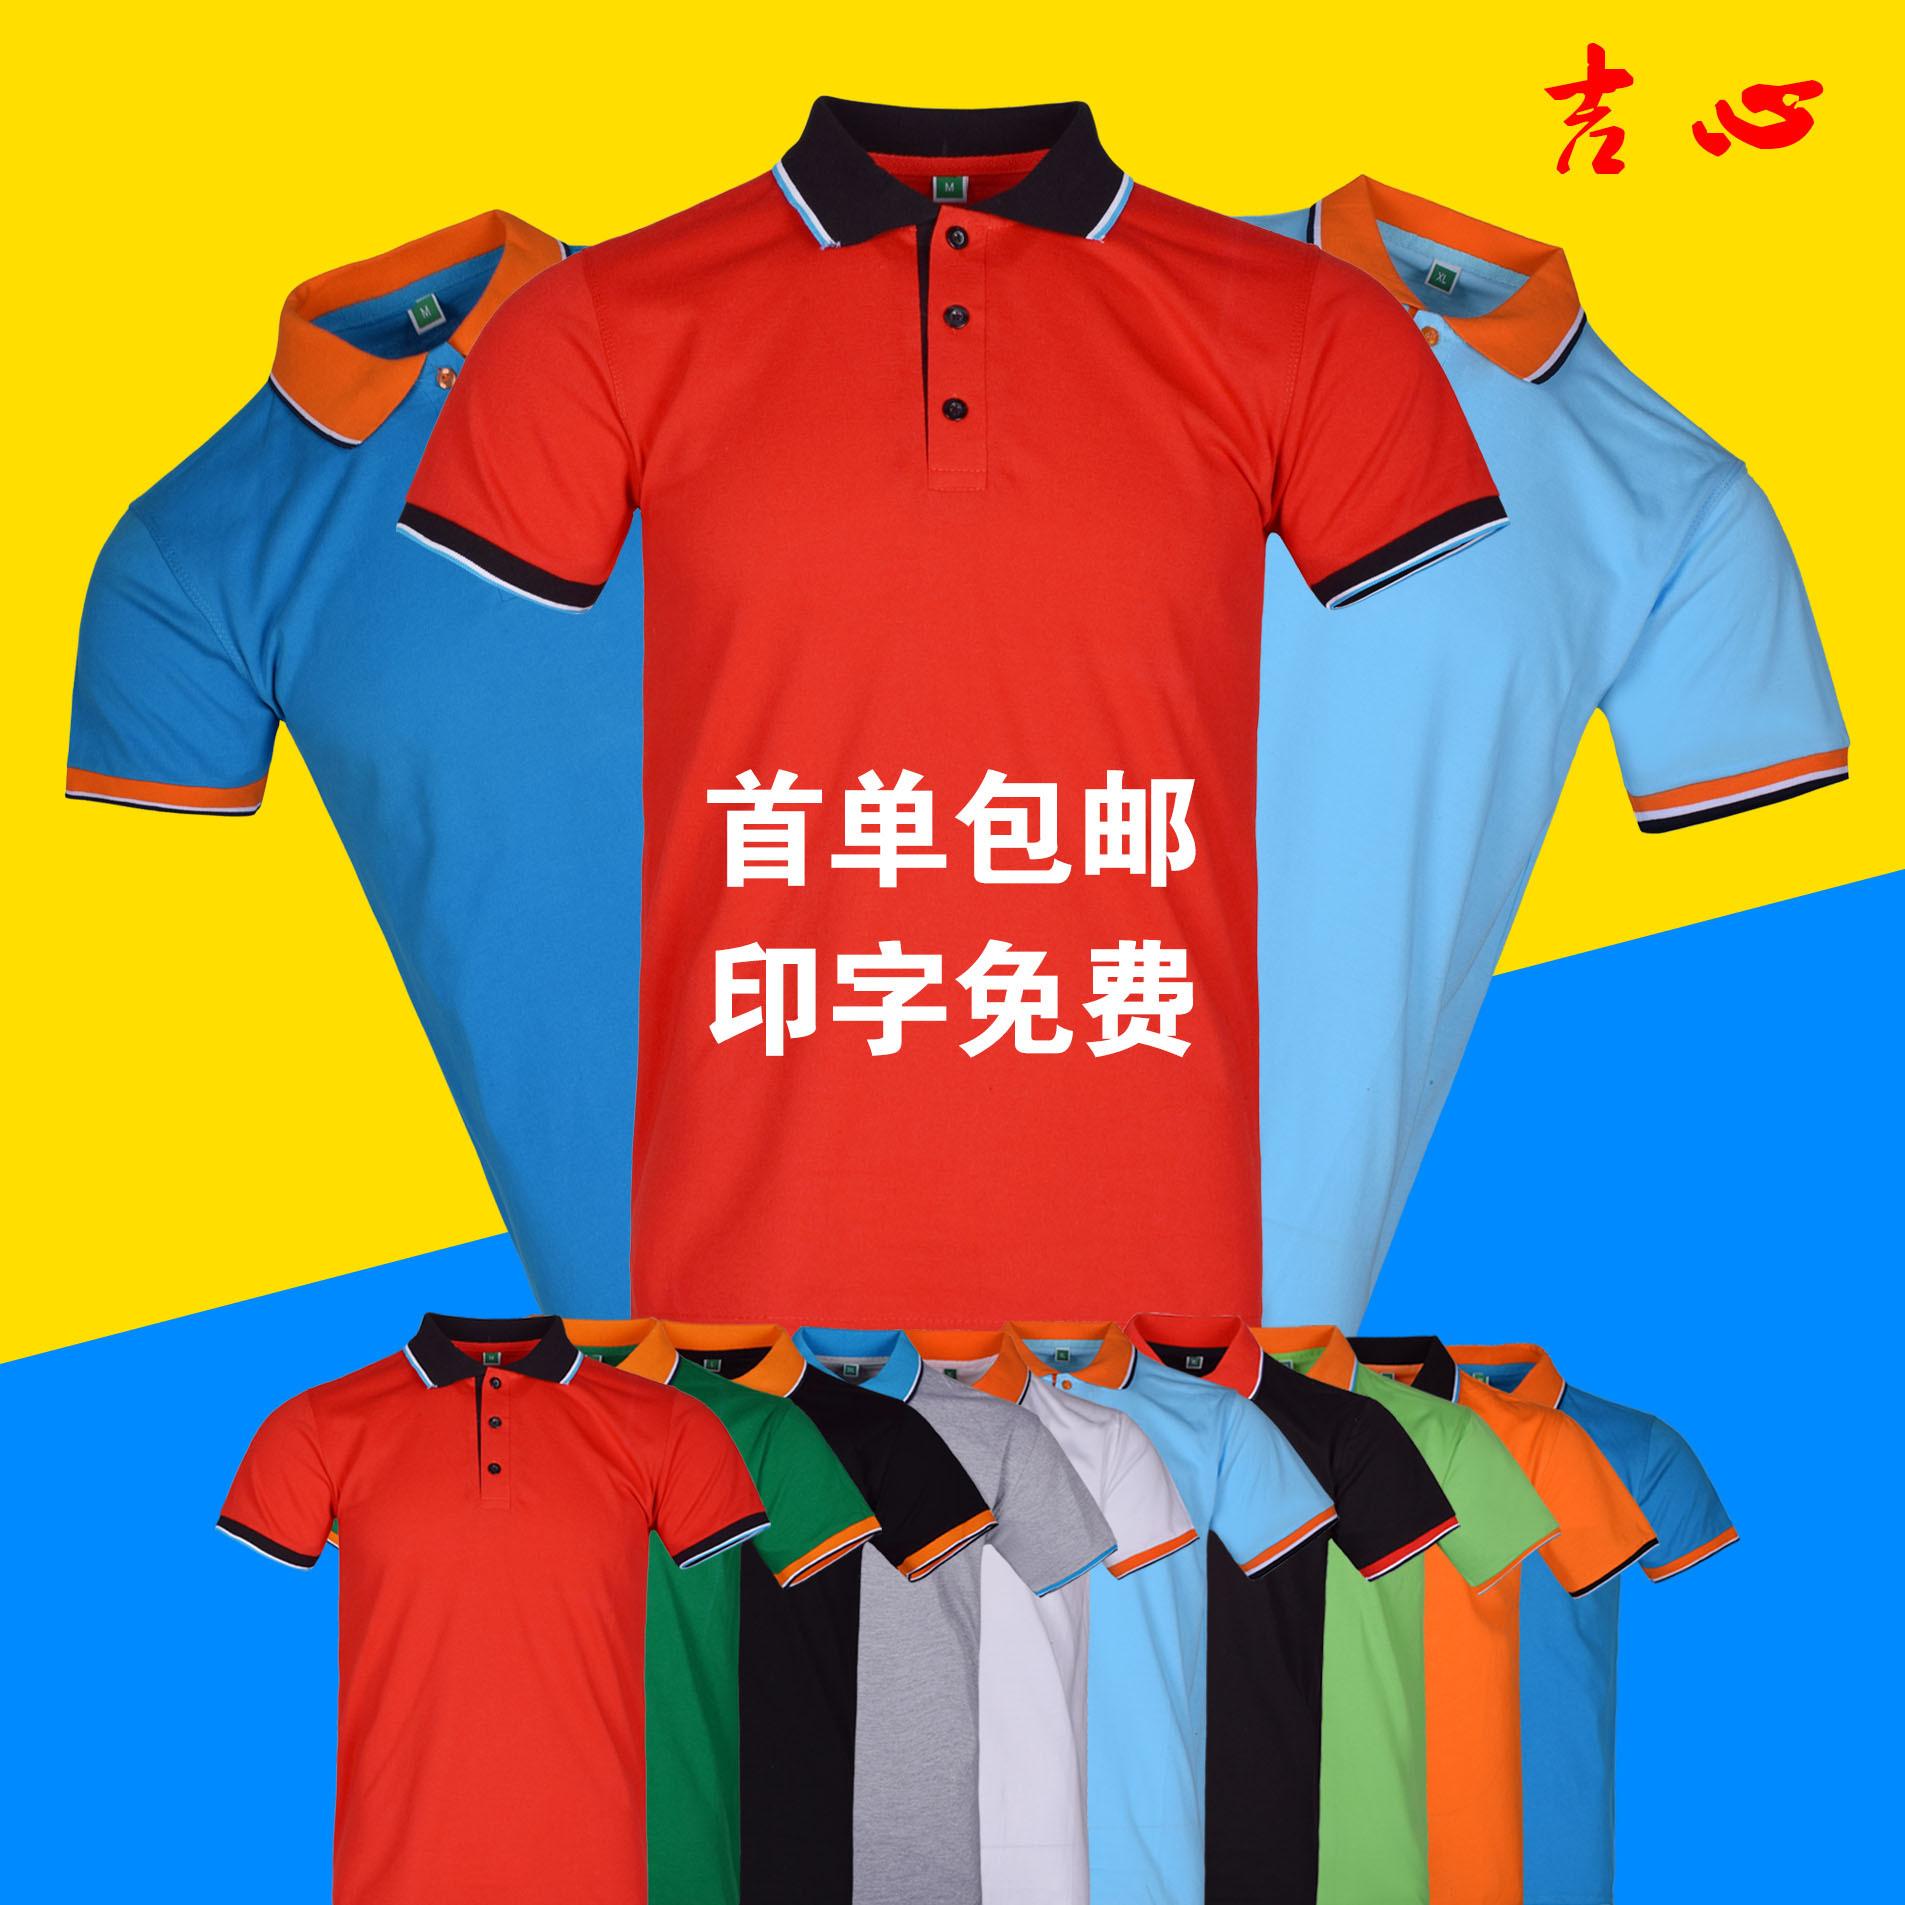 夏季CVC撞色T恤文化衫拼色翻领立领60棉短袖广告衫工厂定制logo